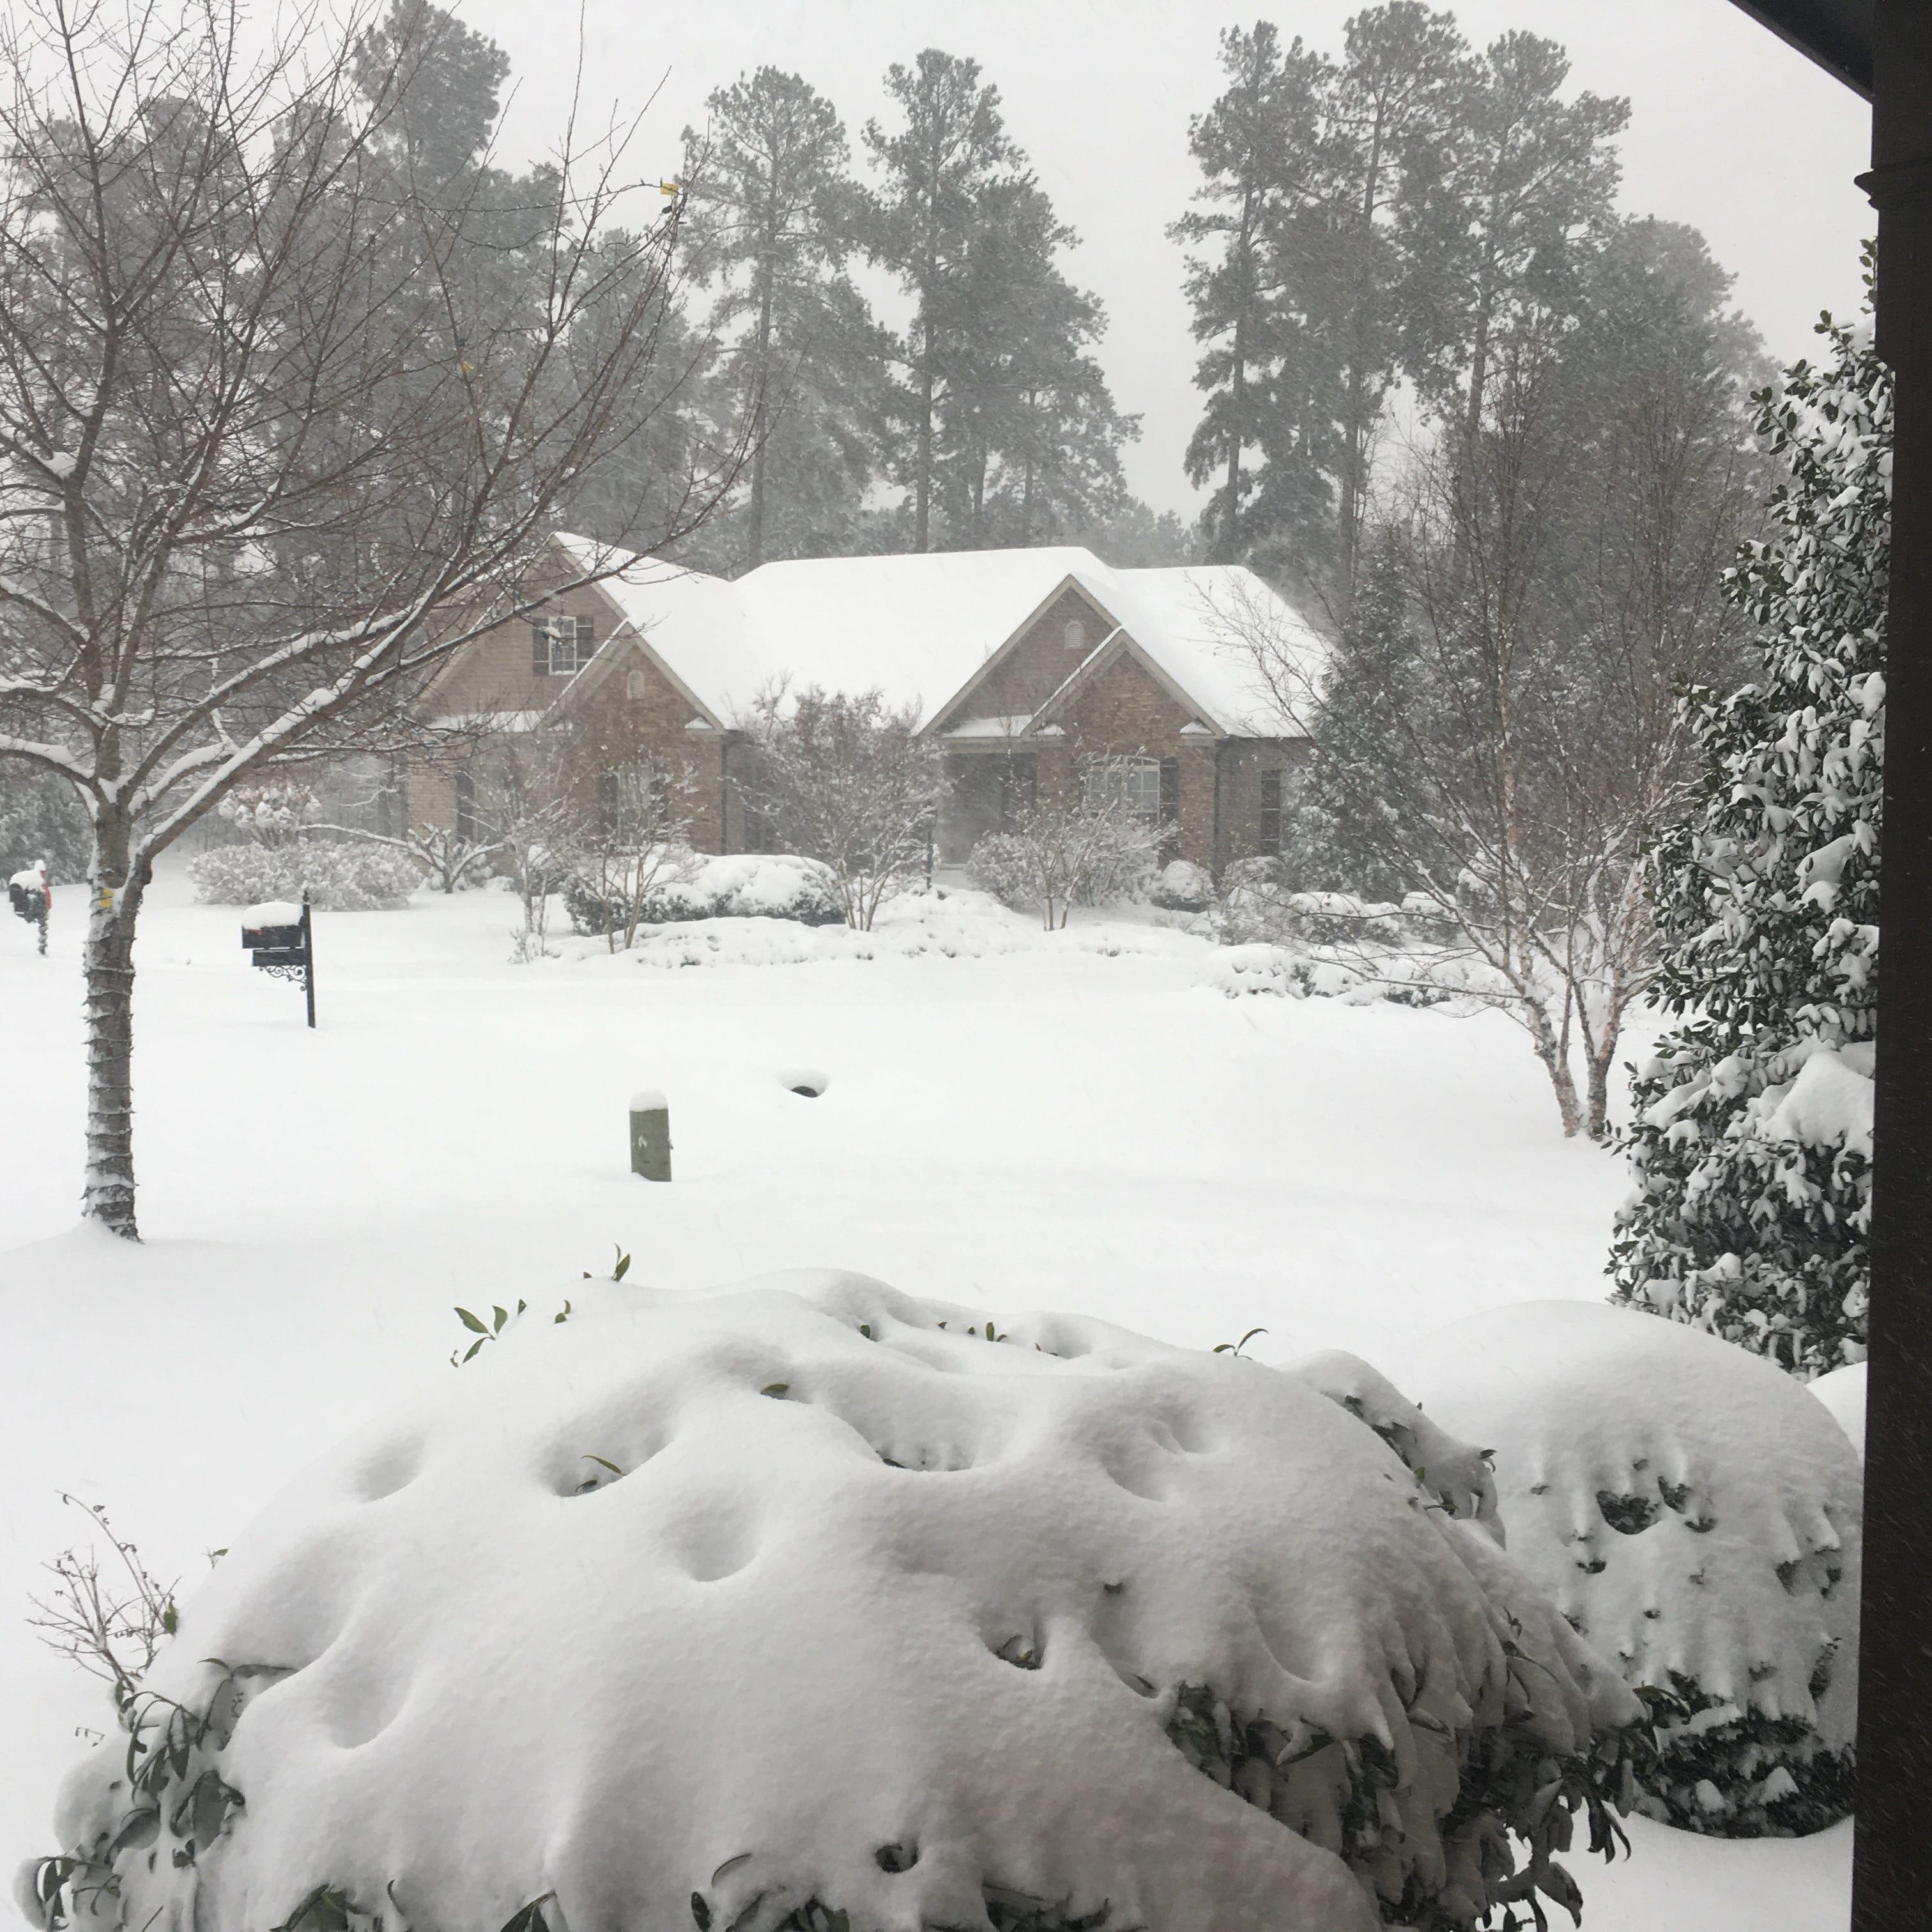 Former Seminole baseball player Link Jarrett busy shoveling snow Sunday